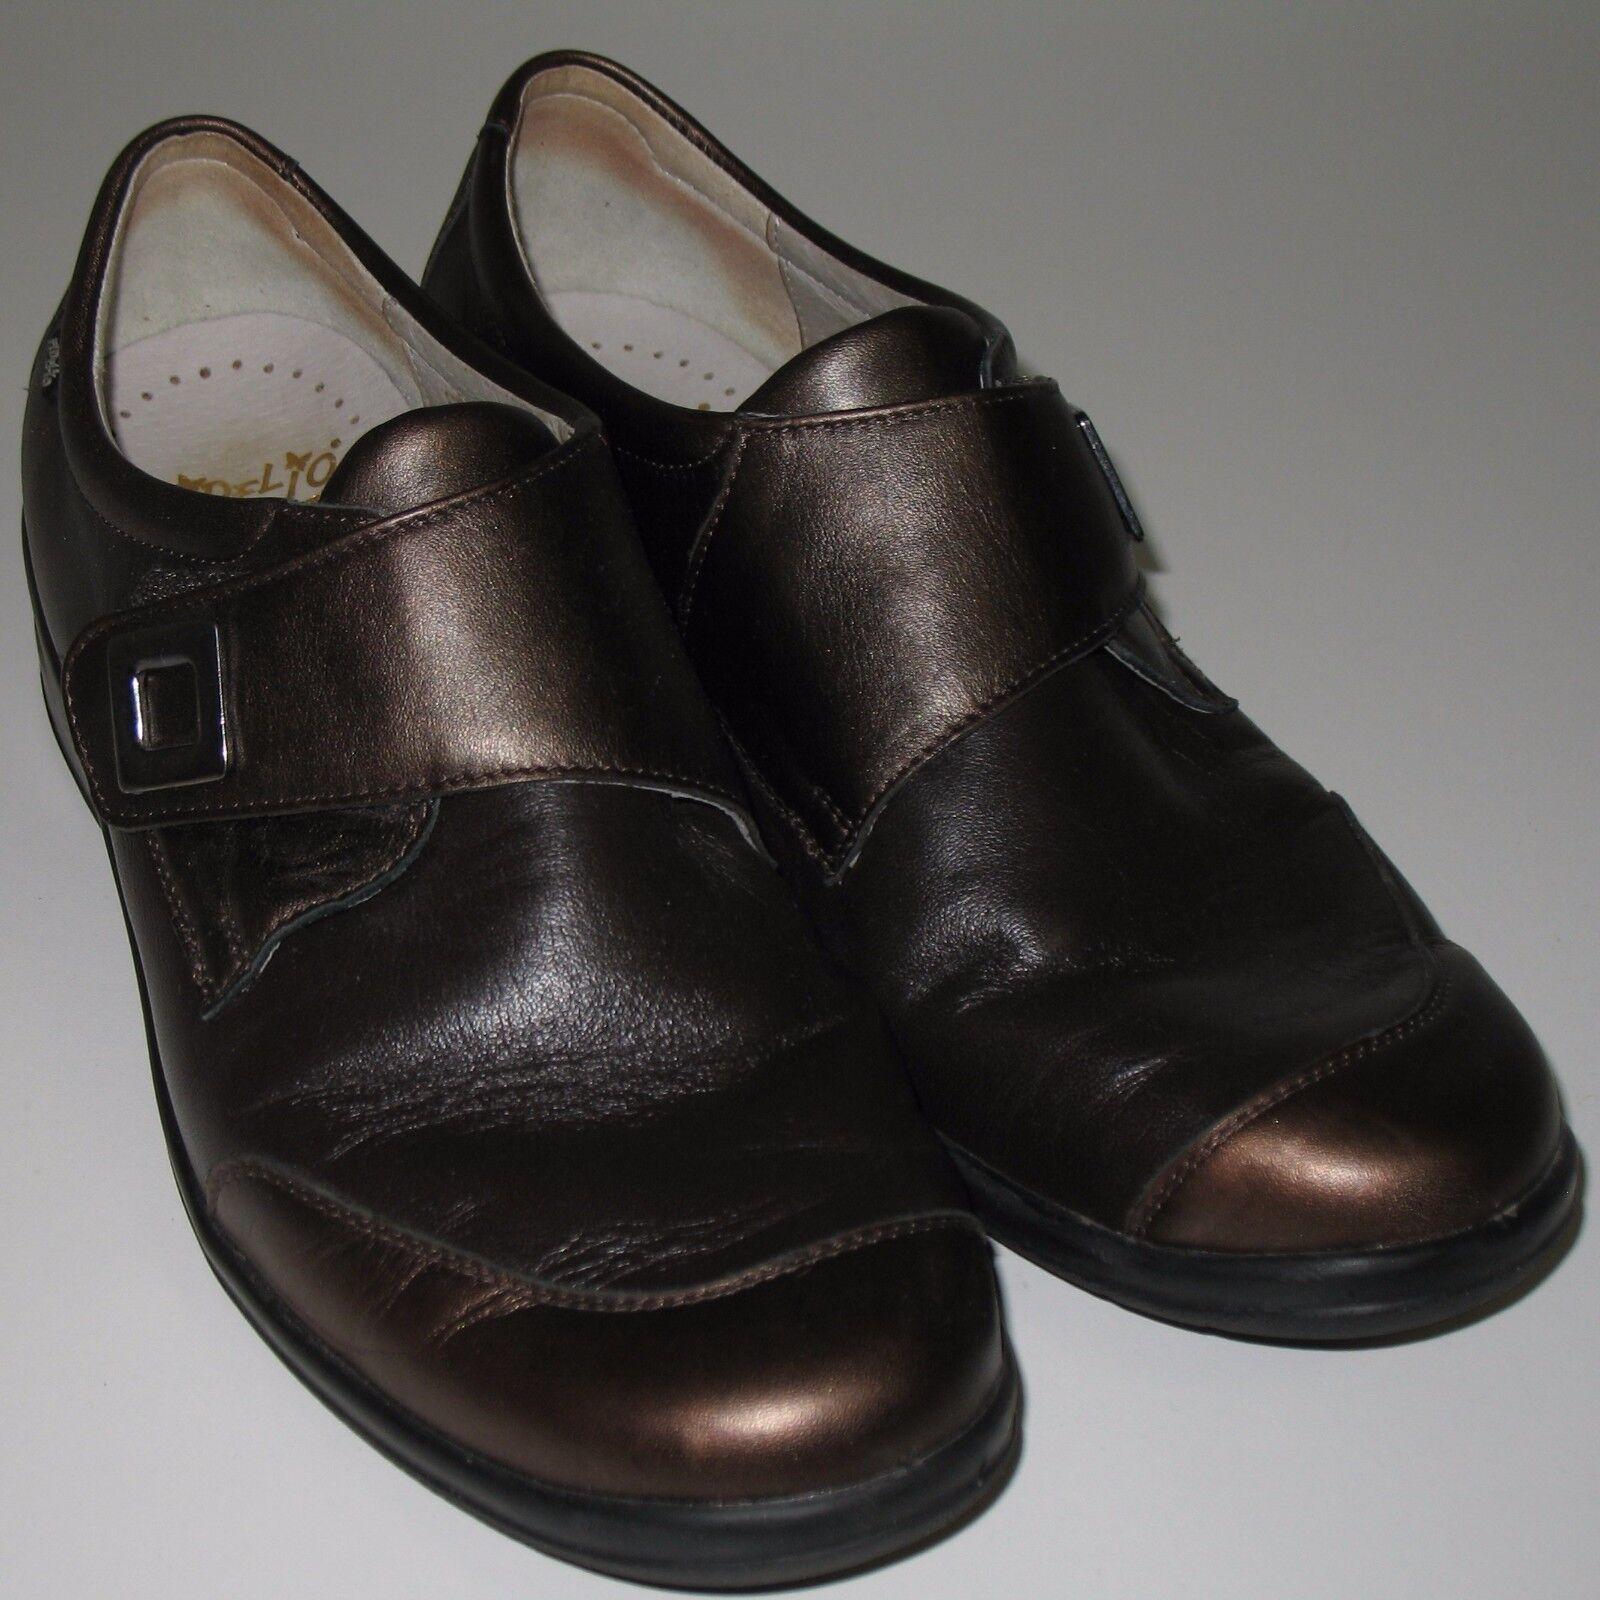 Zapatos de Cuero Fidelio Fidelio Fidelio Para mujeres Helga H Magic Stretch Mocasines Talla 8.5  Venta en línea de descuento de fábrica